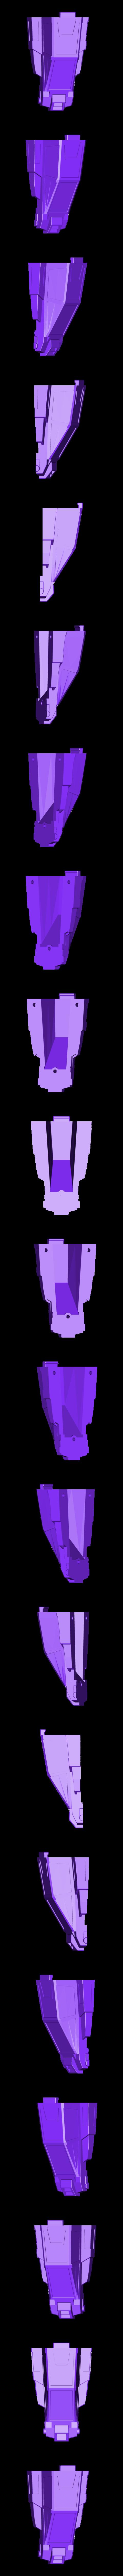 canopy_v1.stl Download free STL file TRANSFORMERS G1 ROTORSTORM ARTICULATION UPGRADE KIT • 3D printable design, sickofyou